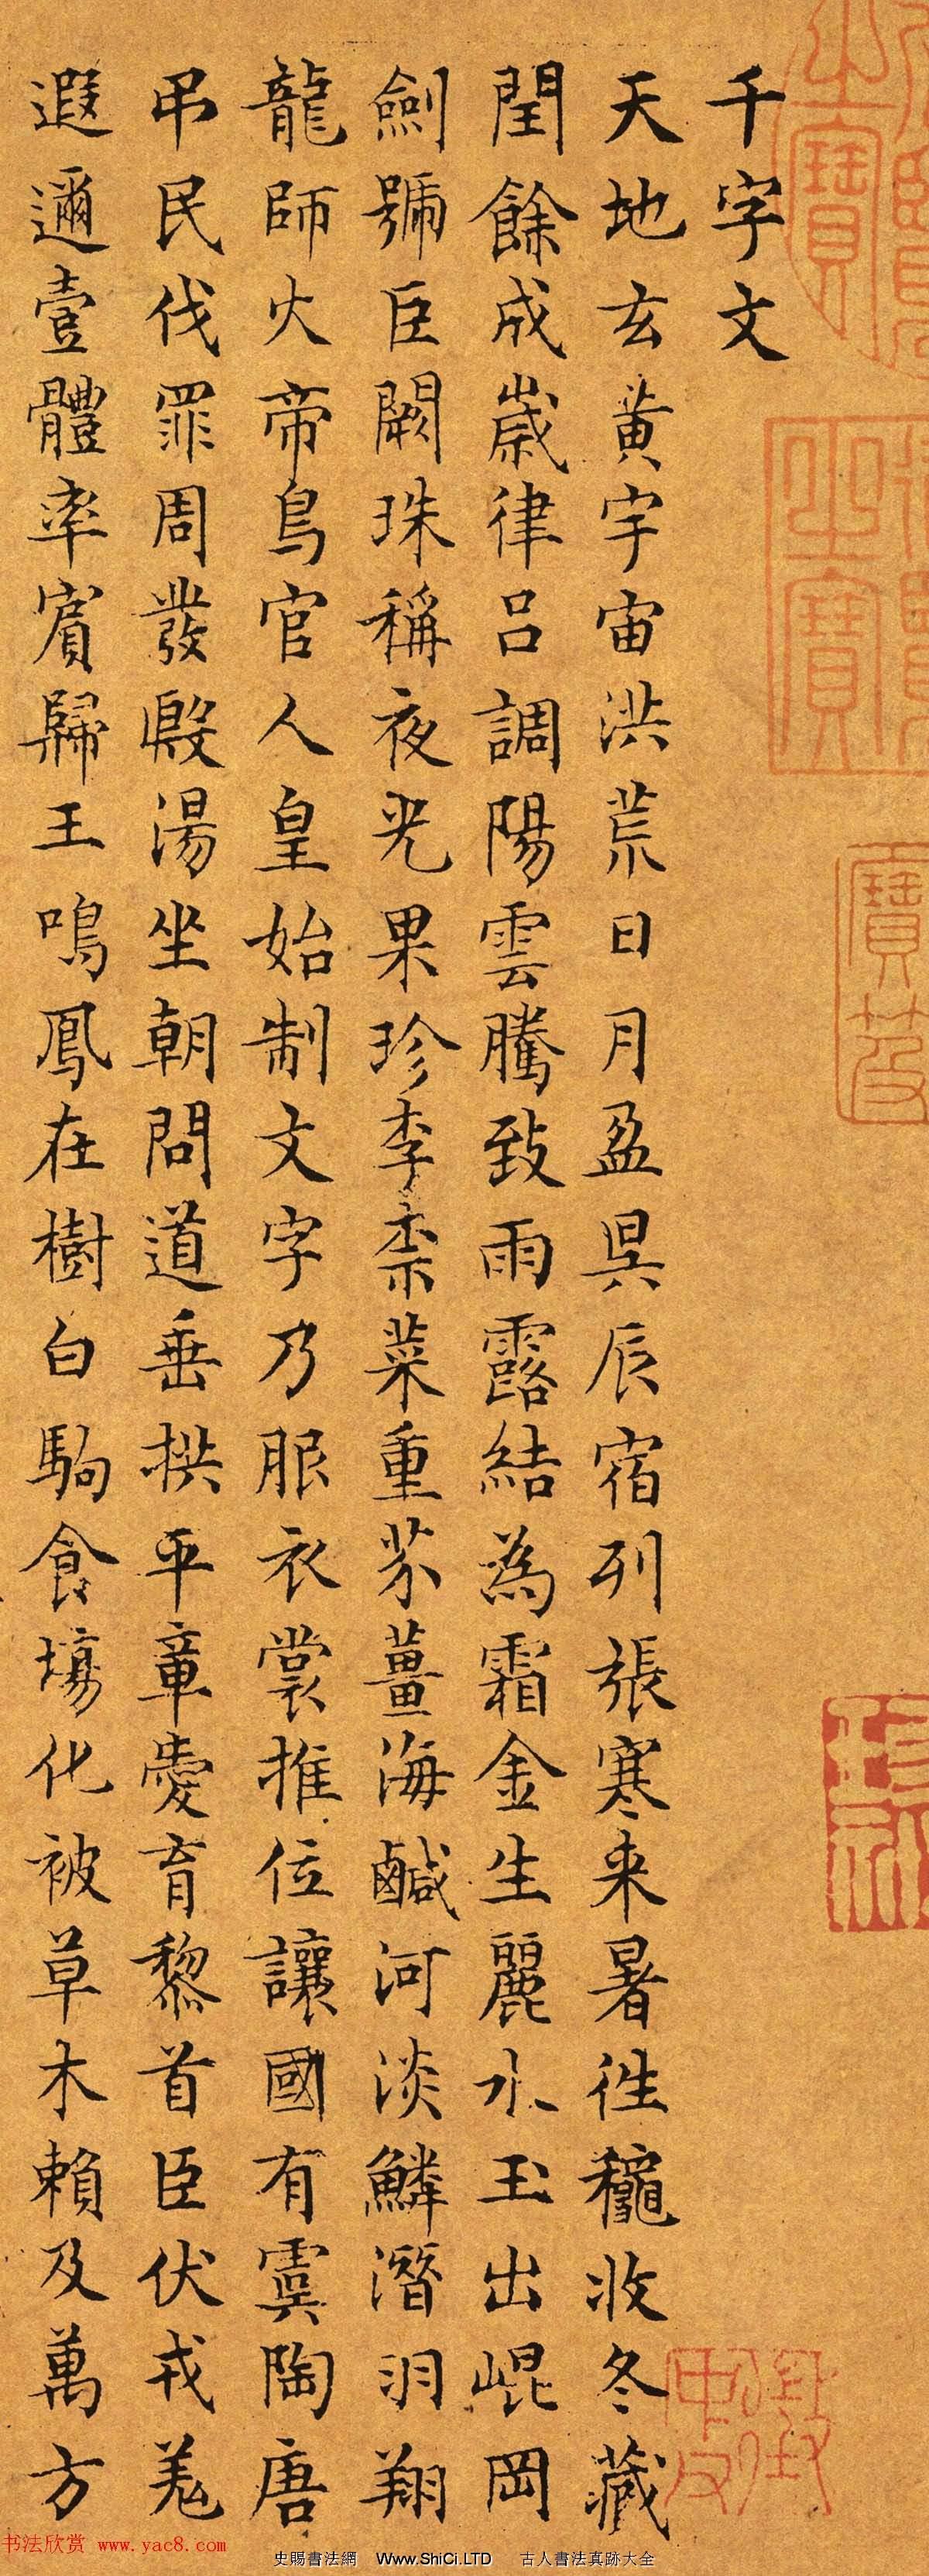 大書法家文徵明66歲小楷千字文(共6張圖片)